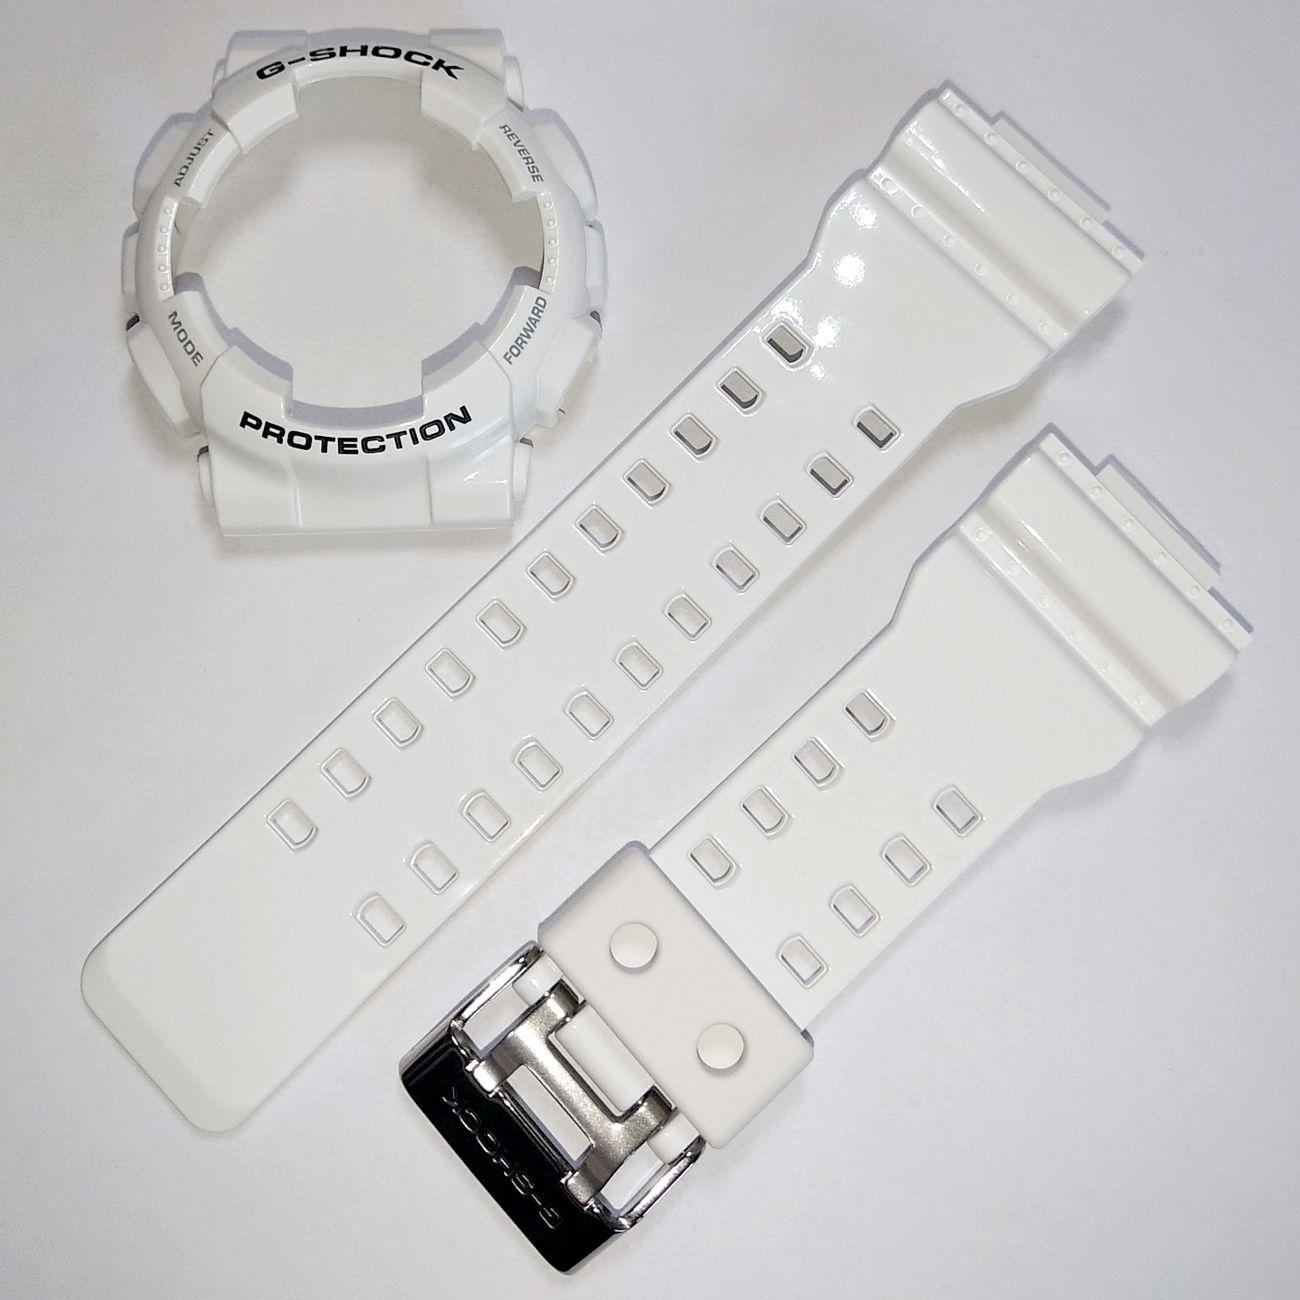 Pulseira + Bezel Casio G-shock GA-110gw-7a Branco Brilhante  - E-Presentes